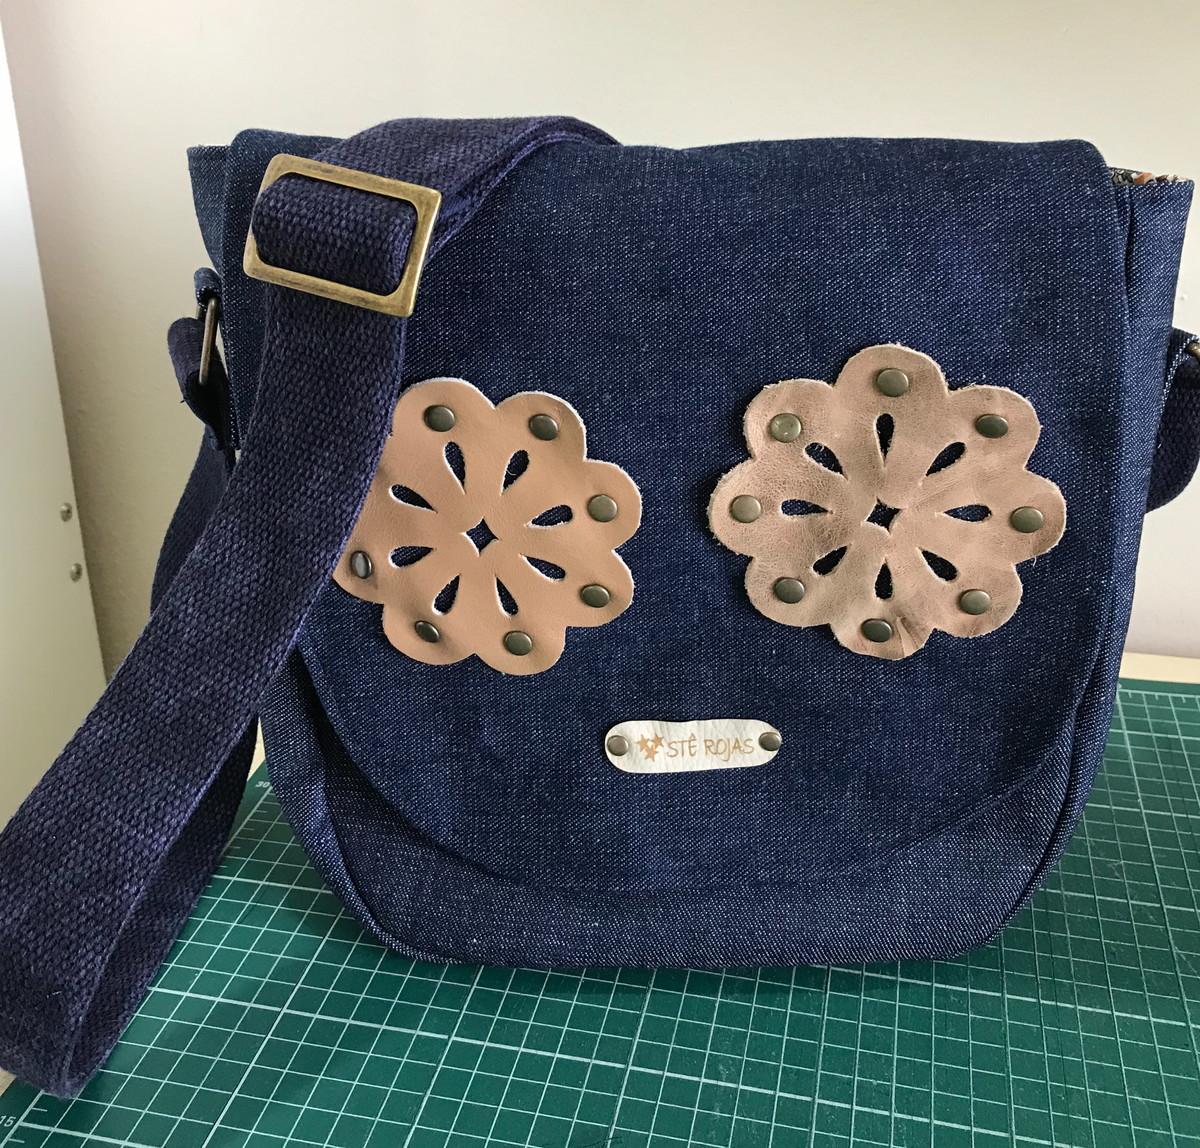 524f9ad0d Bolsa Carteiro Jeans com detalhes em couro no Elo7 | Stê Rojas ...